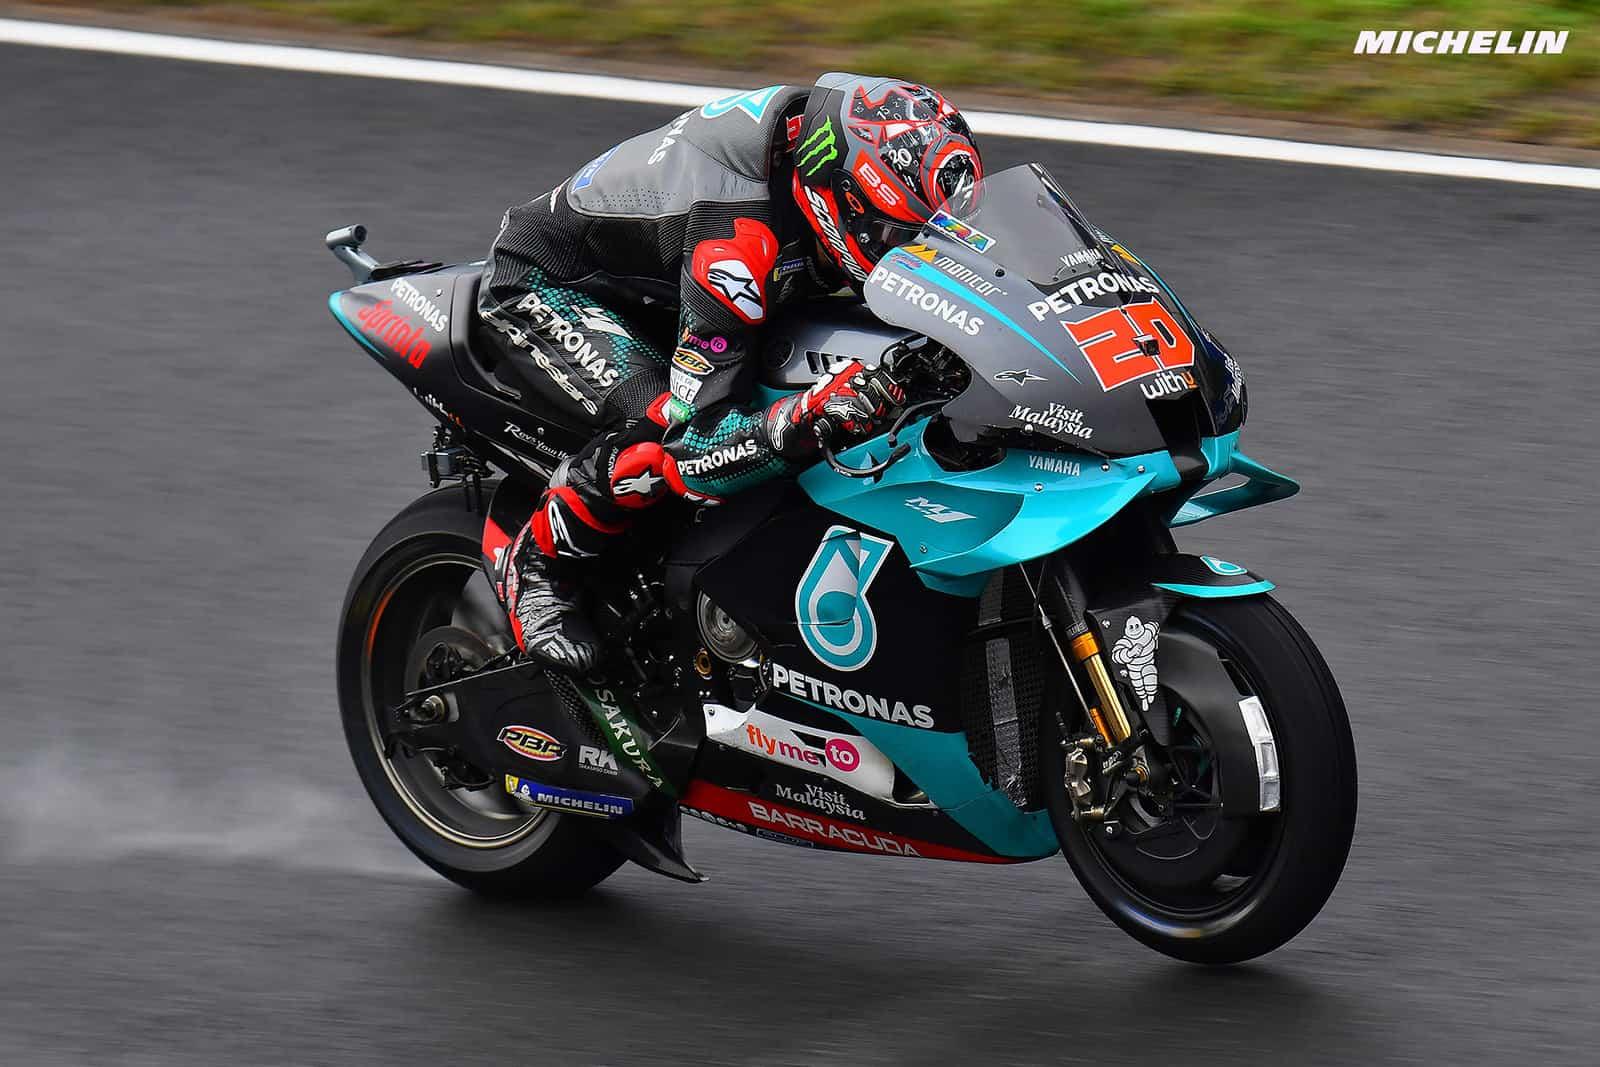 フランスGP 9位ファビオ・クアルタラロ「けして諦めずに走り続けた」